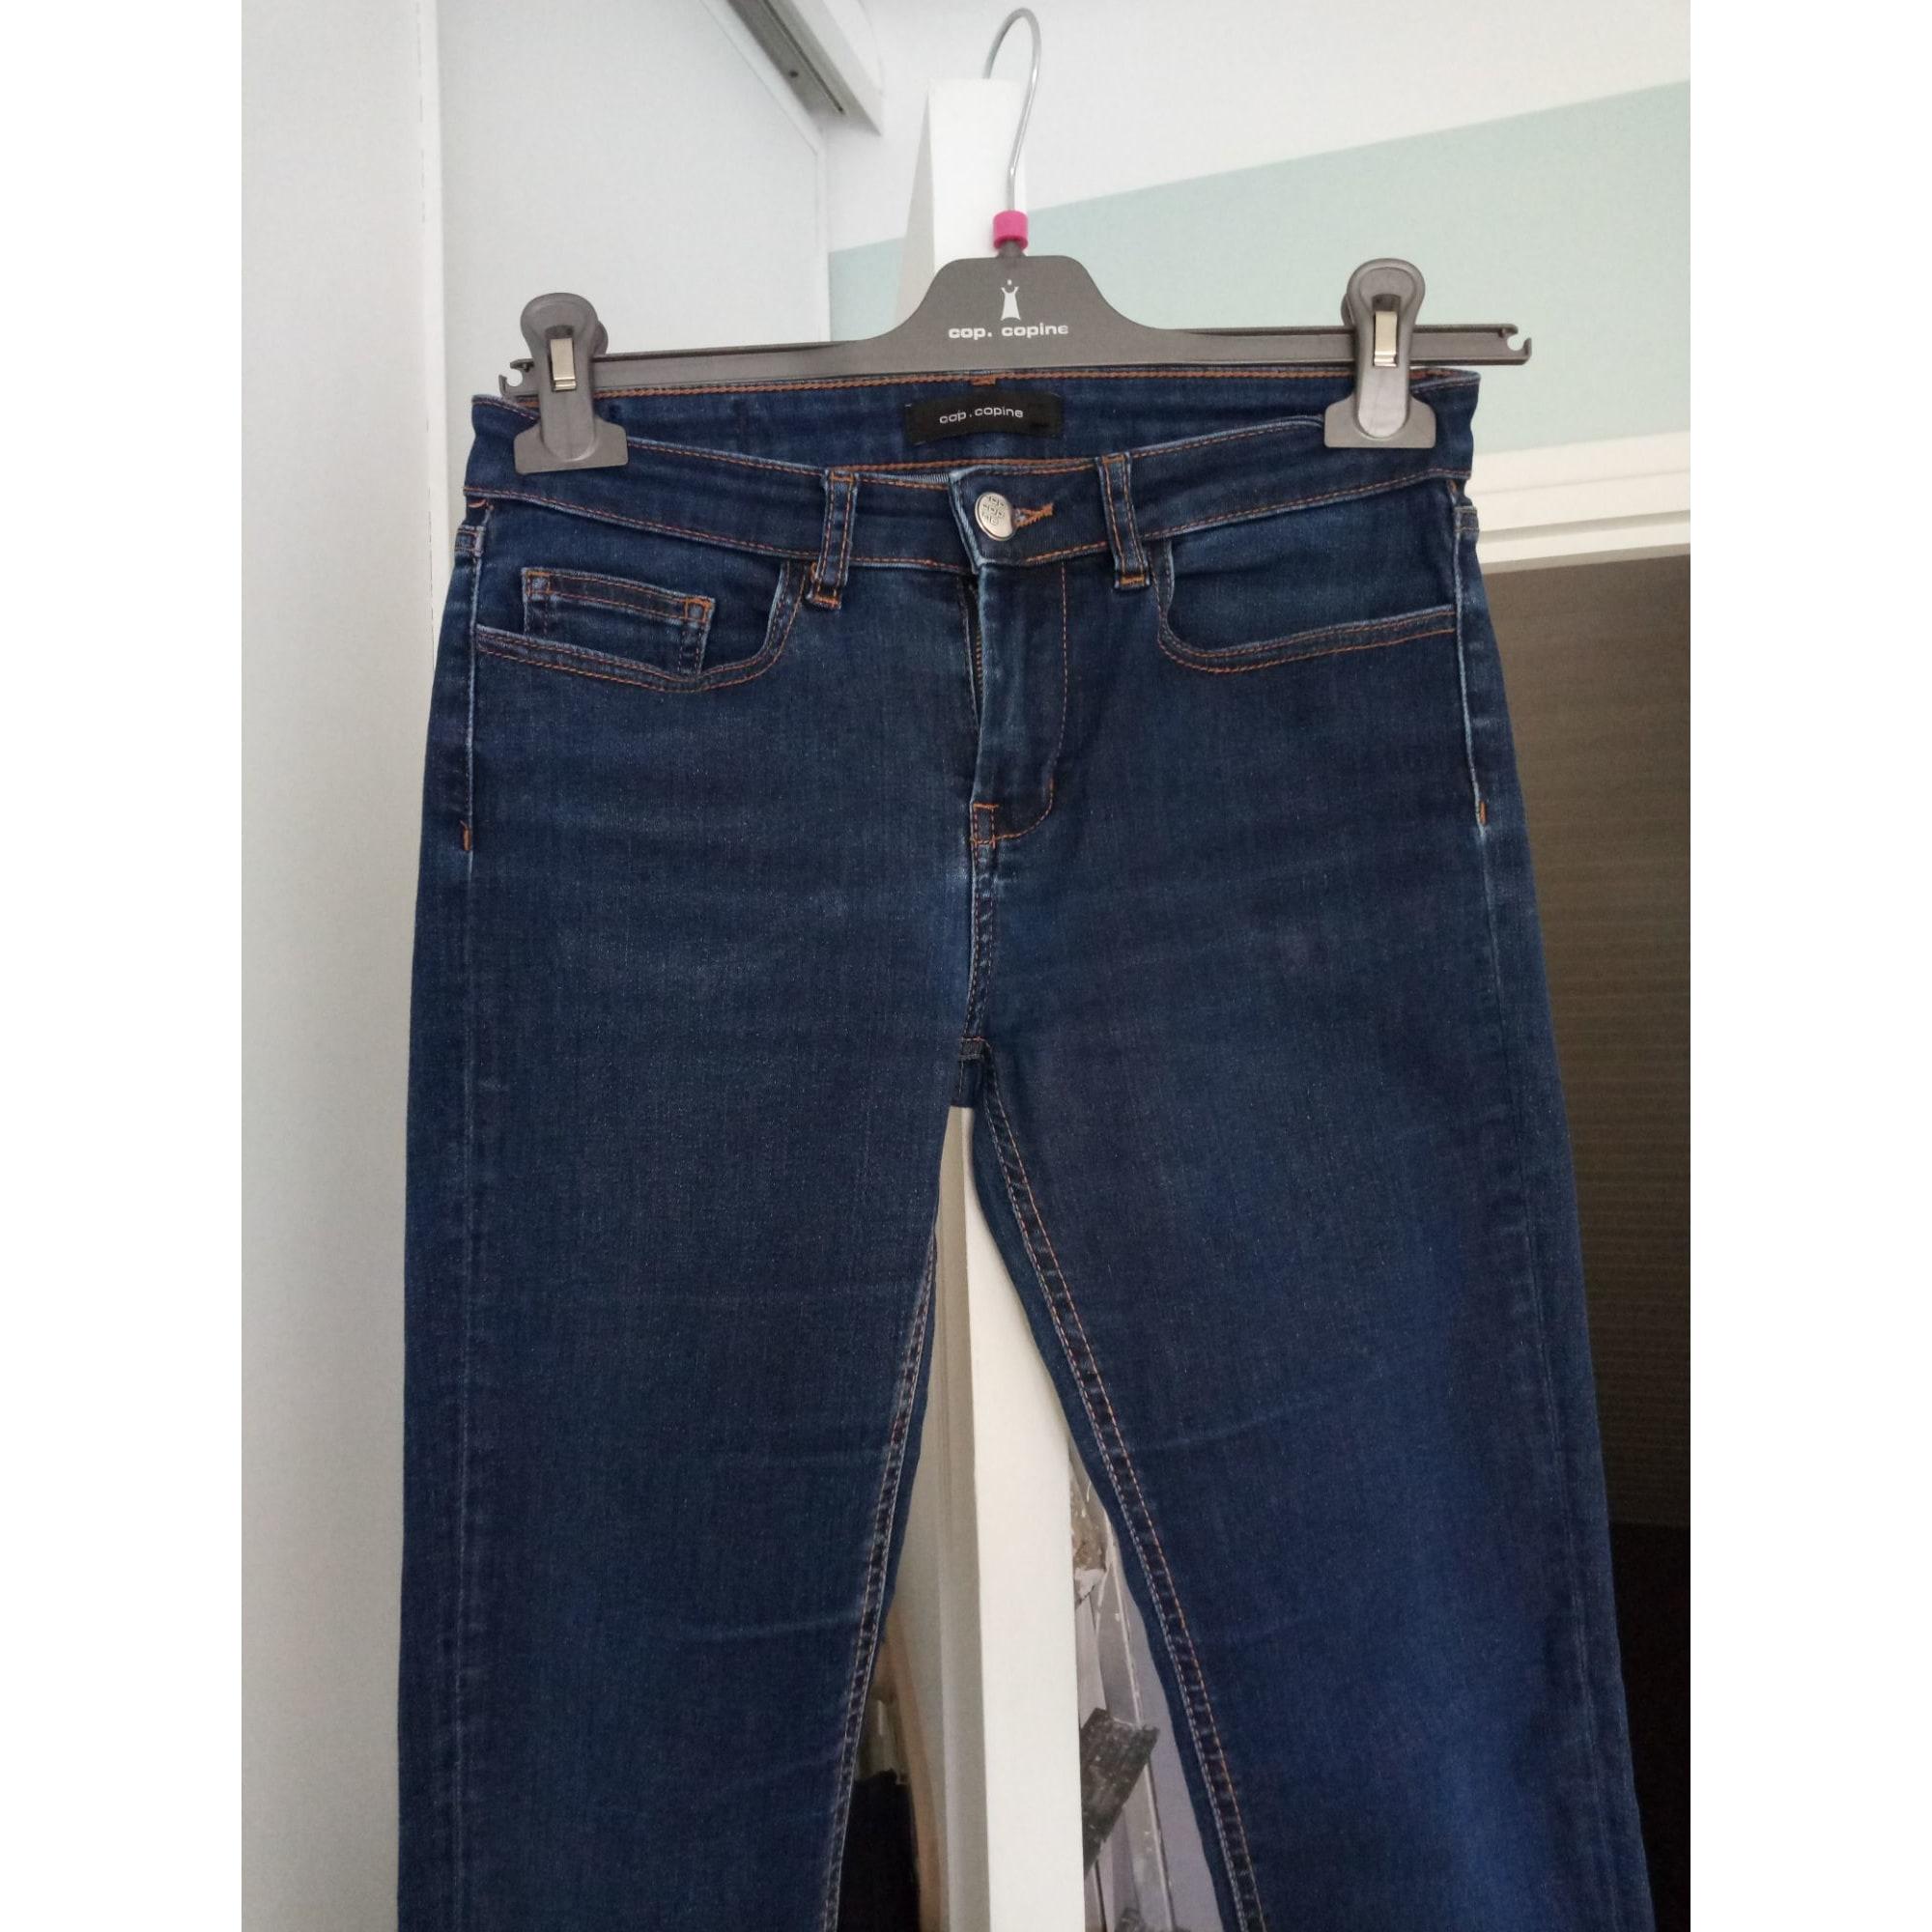 Jeans droit COP-COPINE Bleu, bleu marine, bleu turquoise